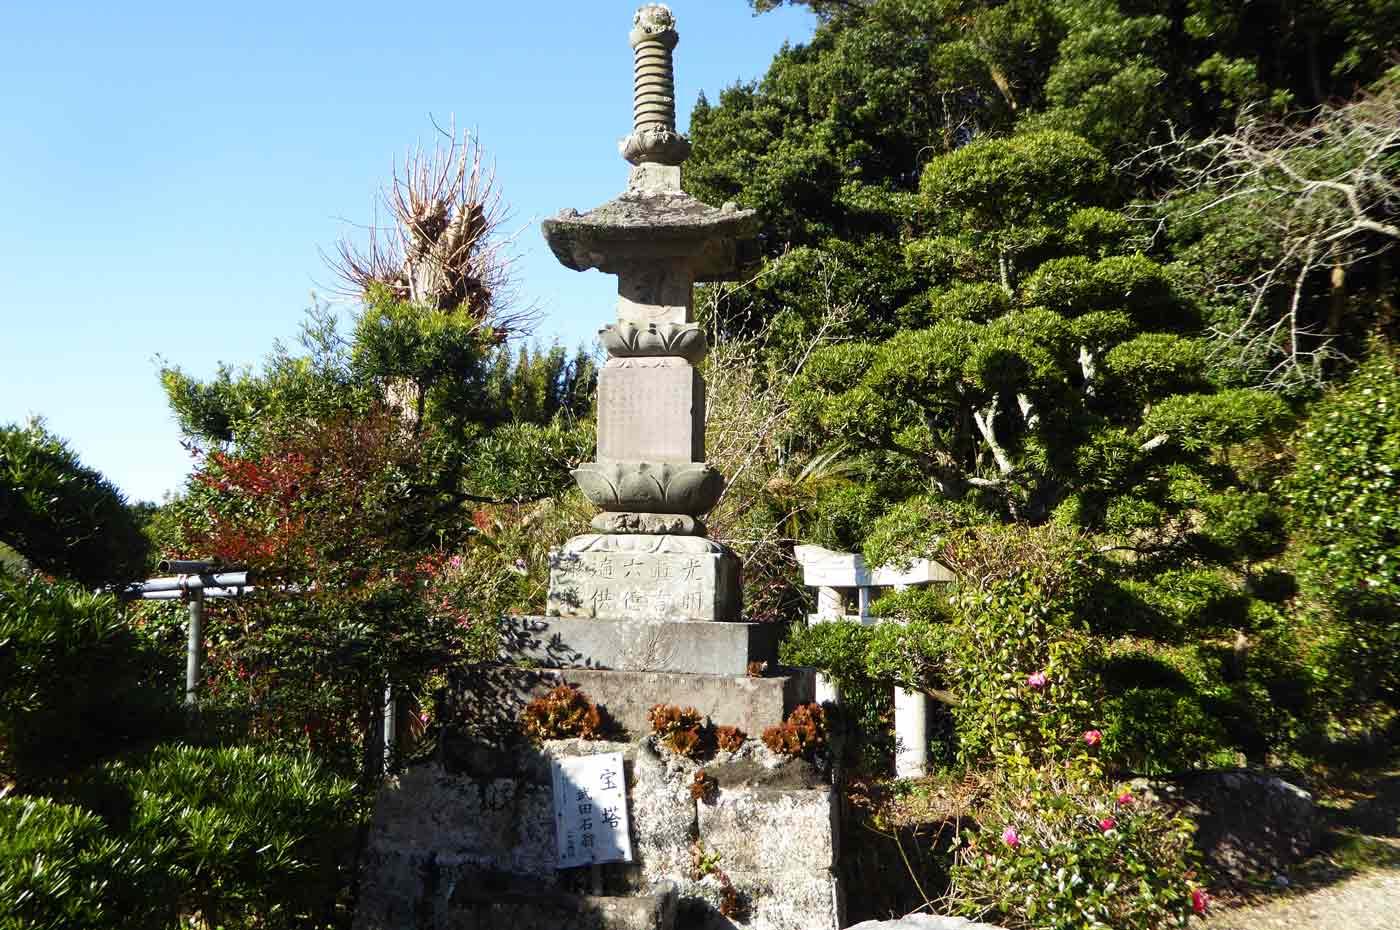 武田石翁の宝塔の写真